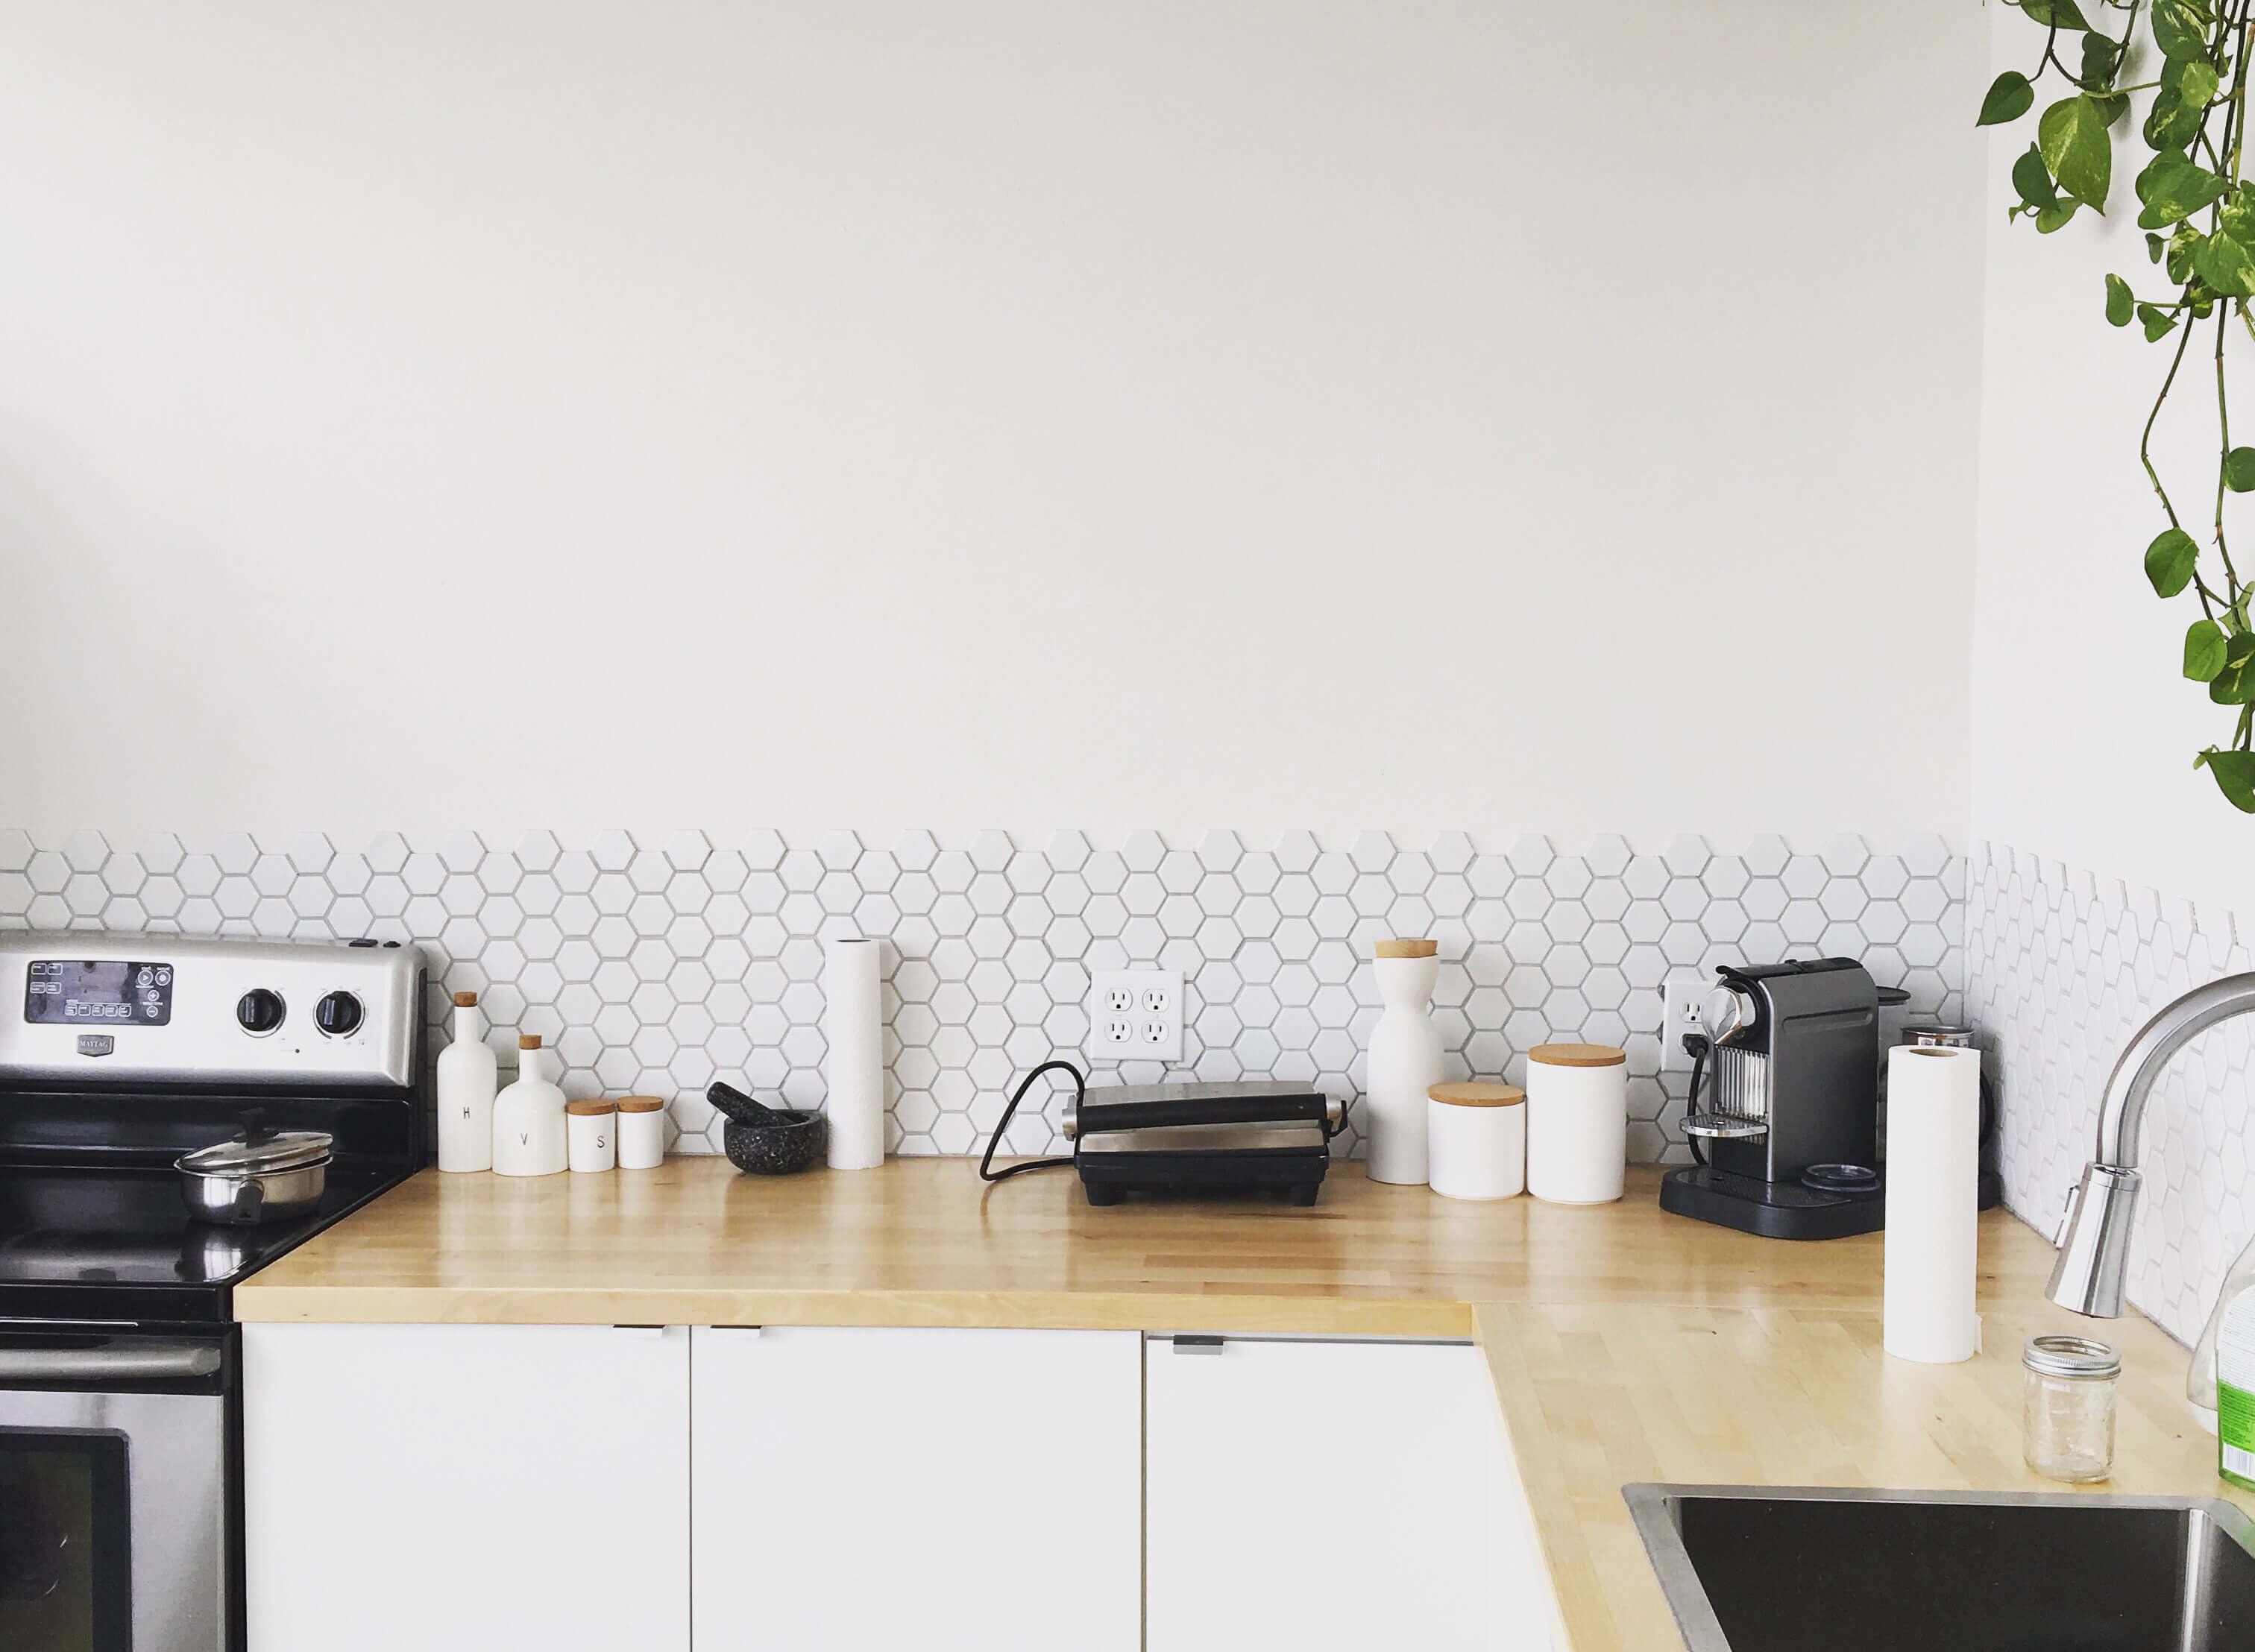 Перепланировка кухни без шкафчиков